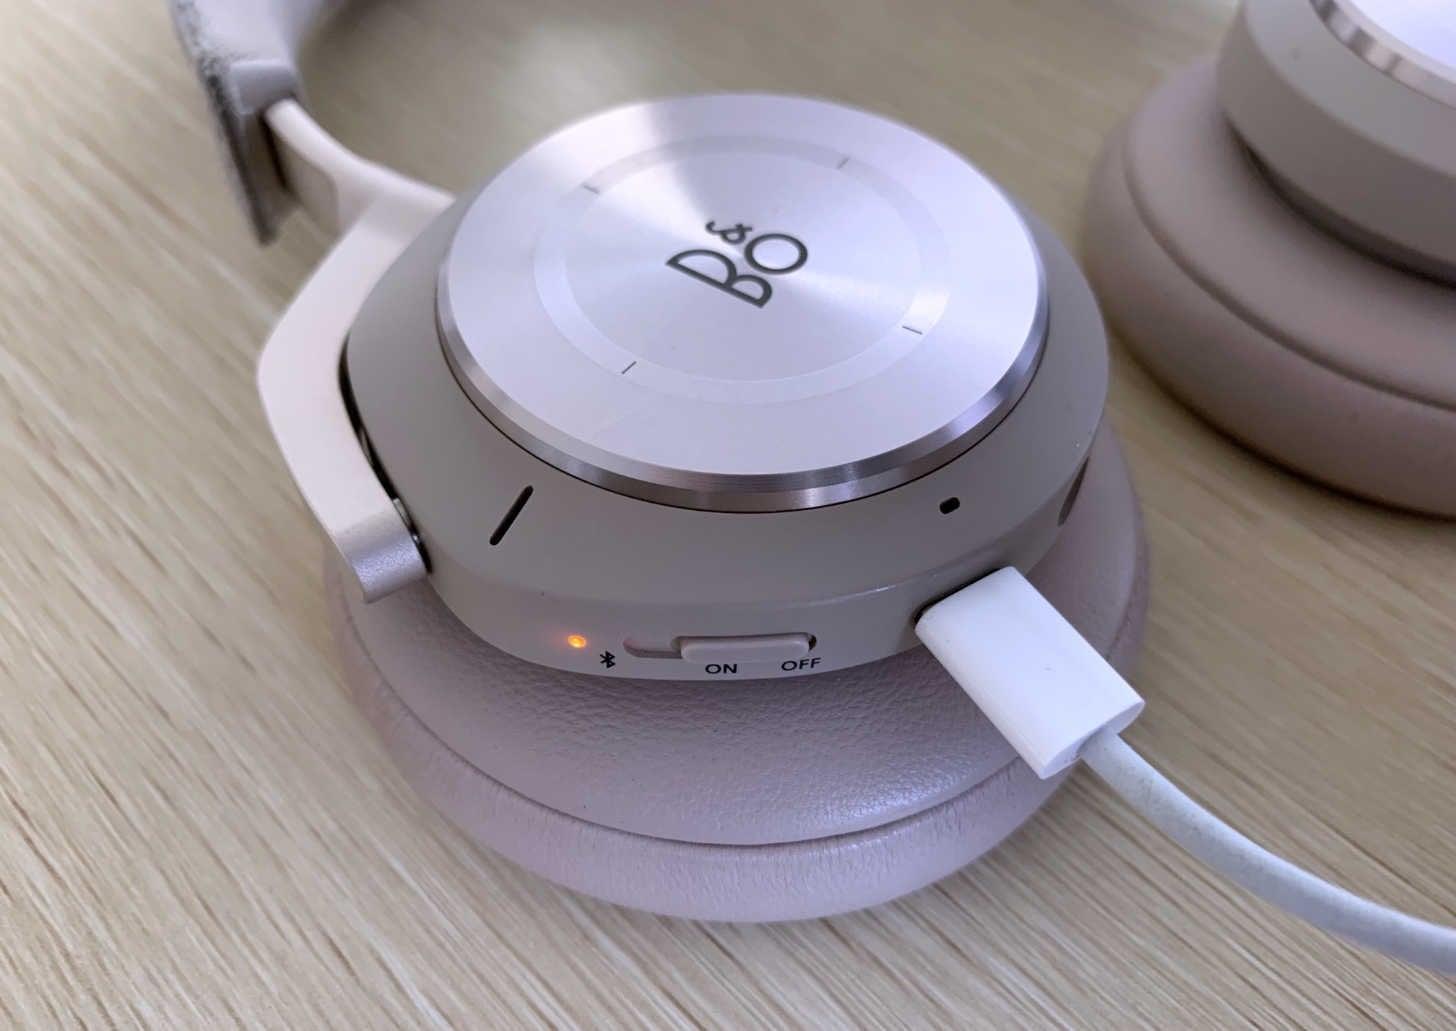 充電端子はUSB TYPE-C